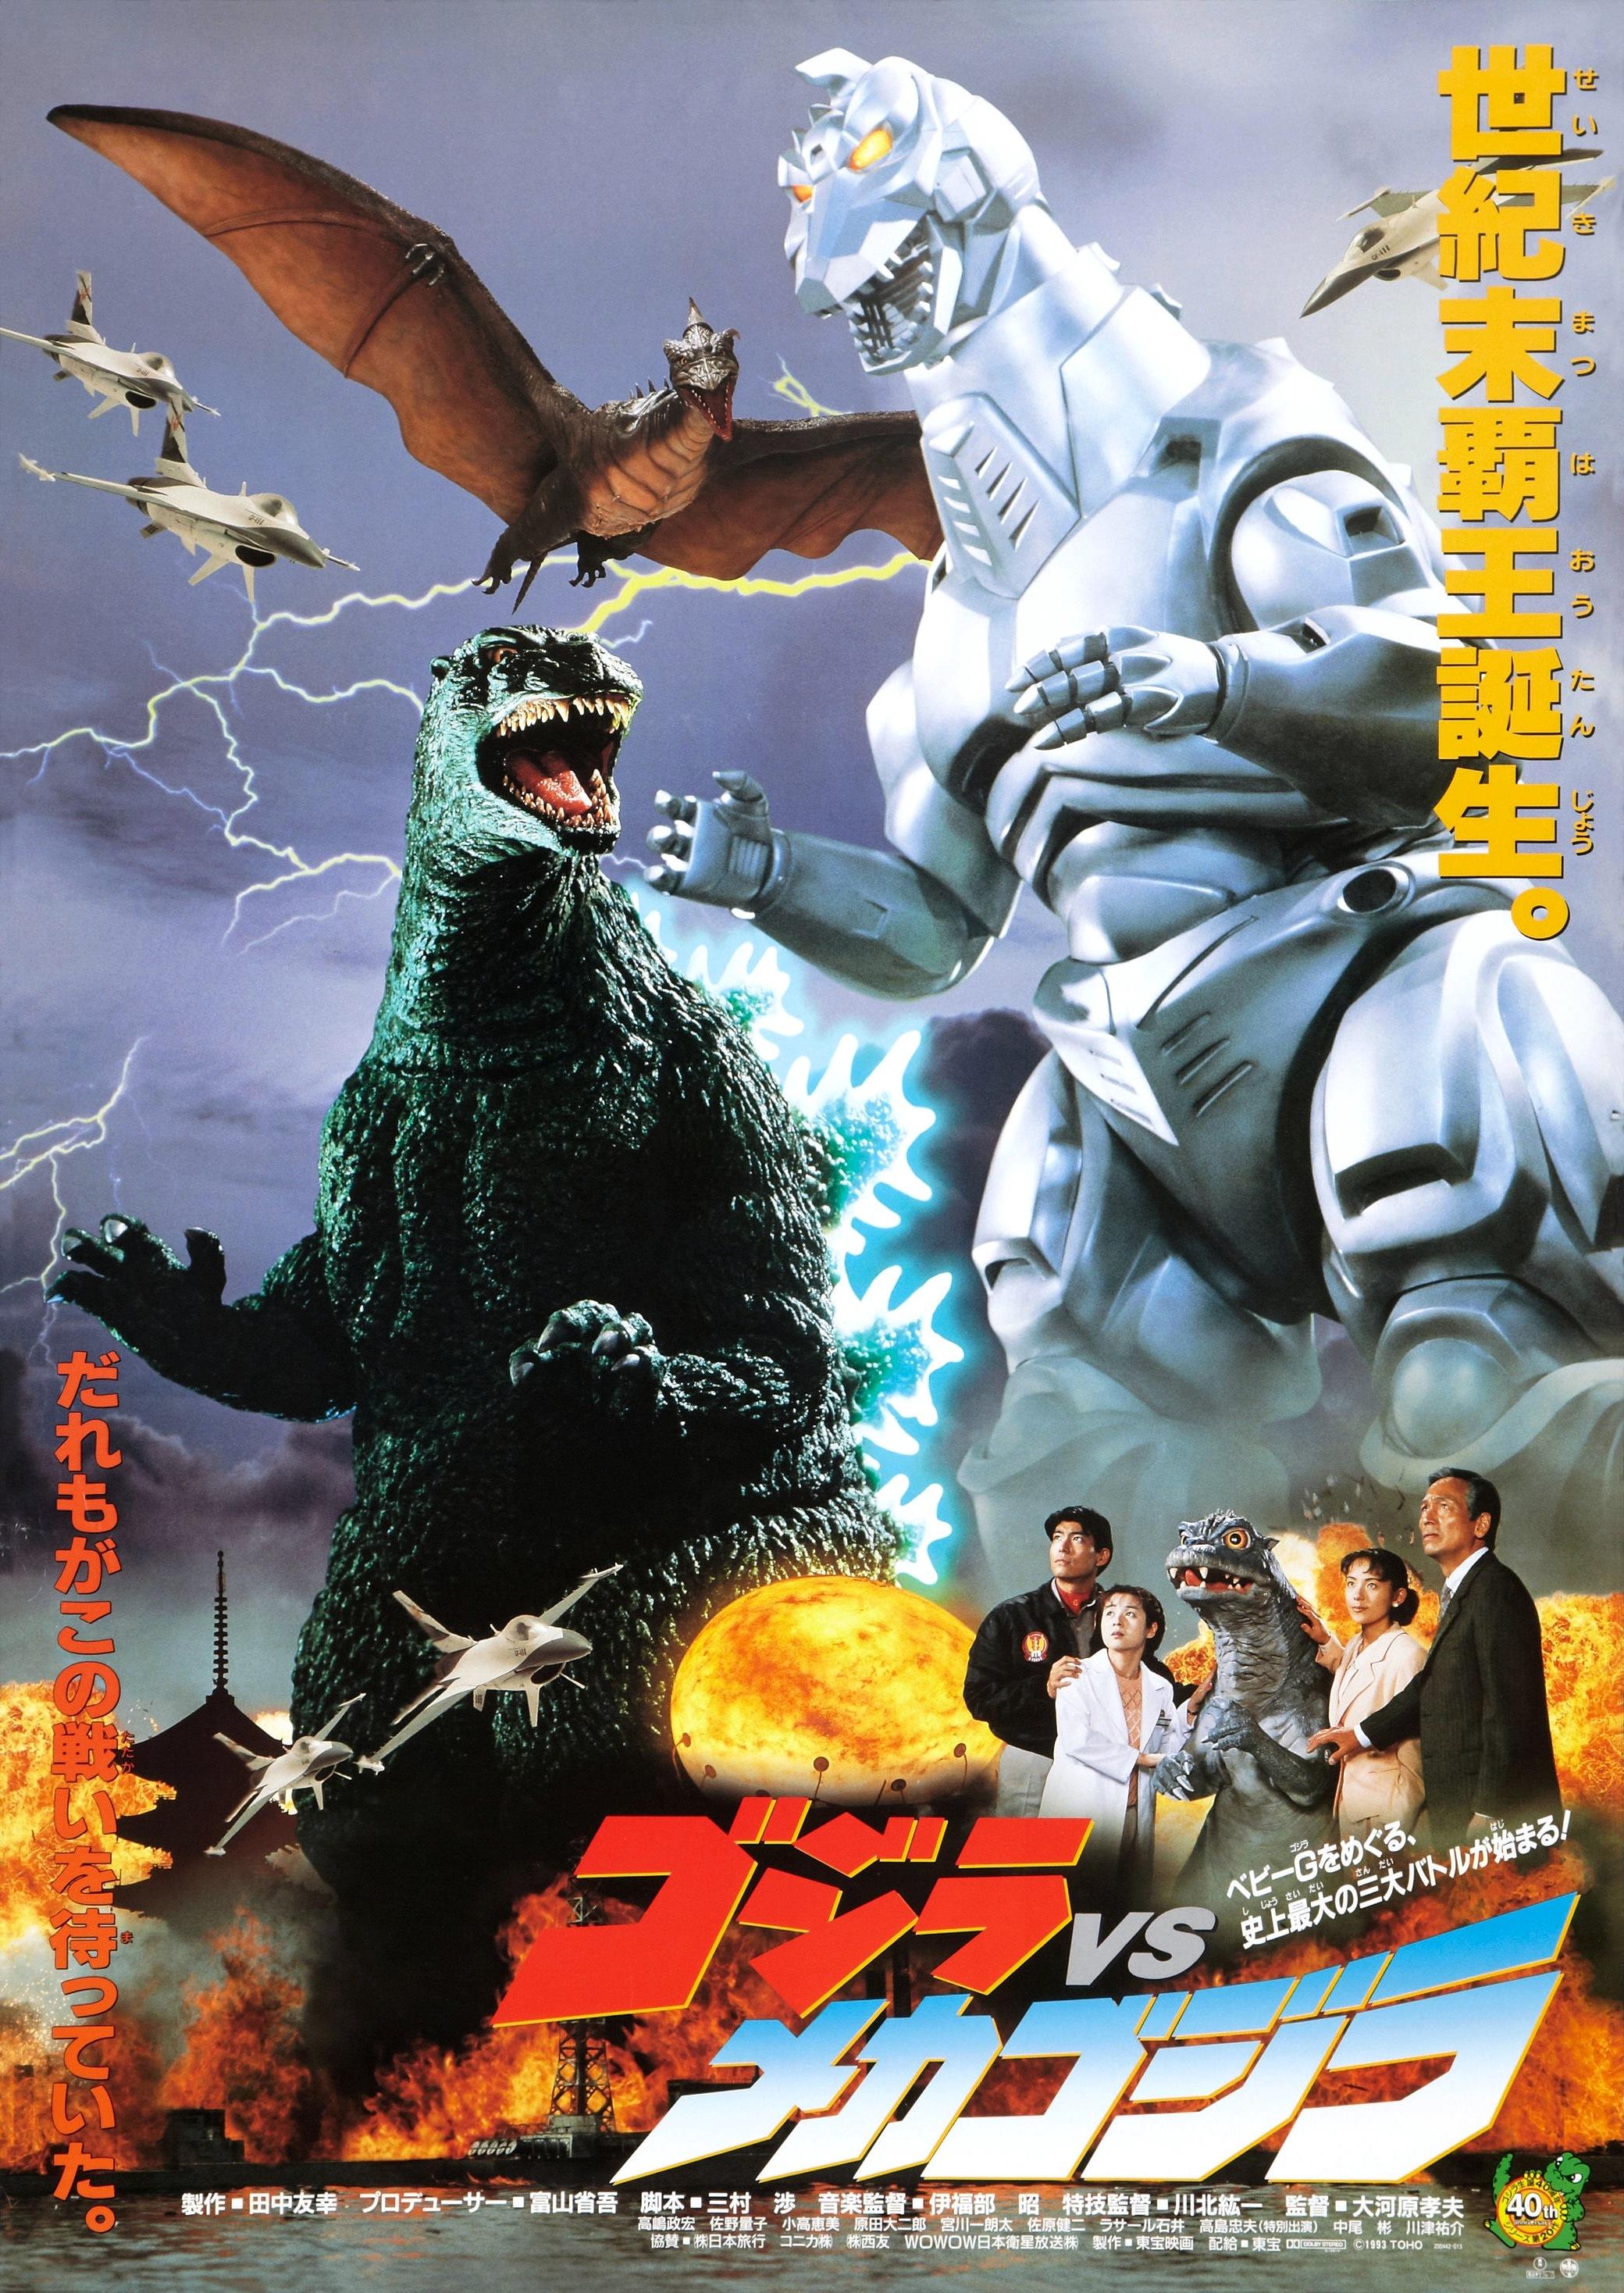 Fortrequestria: Team Fortress 2 Trading, Discussion, Etc. Thread - Page 3 Godzilla-vs-mechagodzilla-movie-poster-1020433270